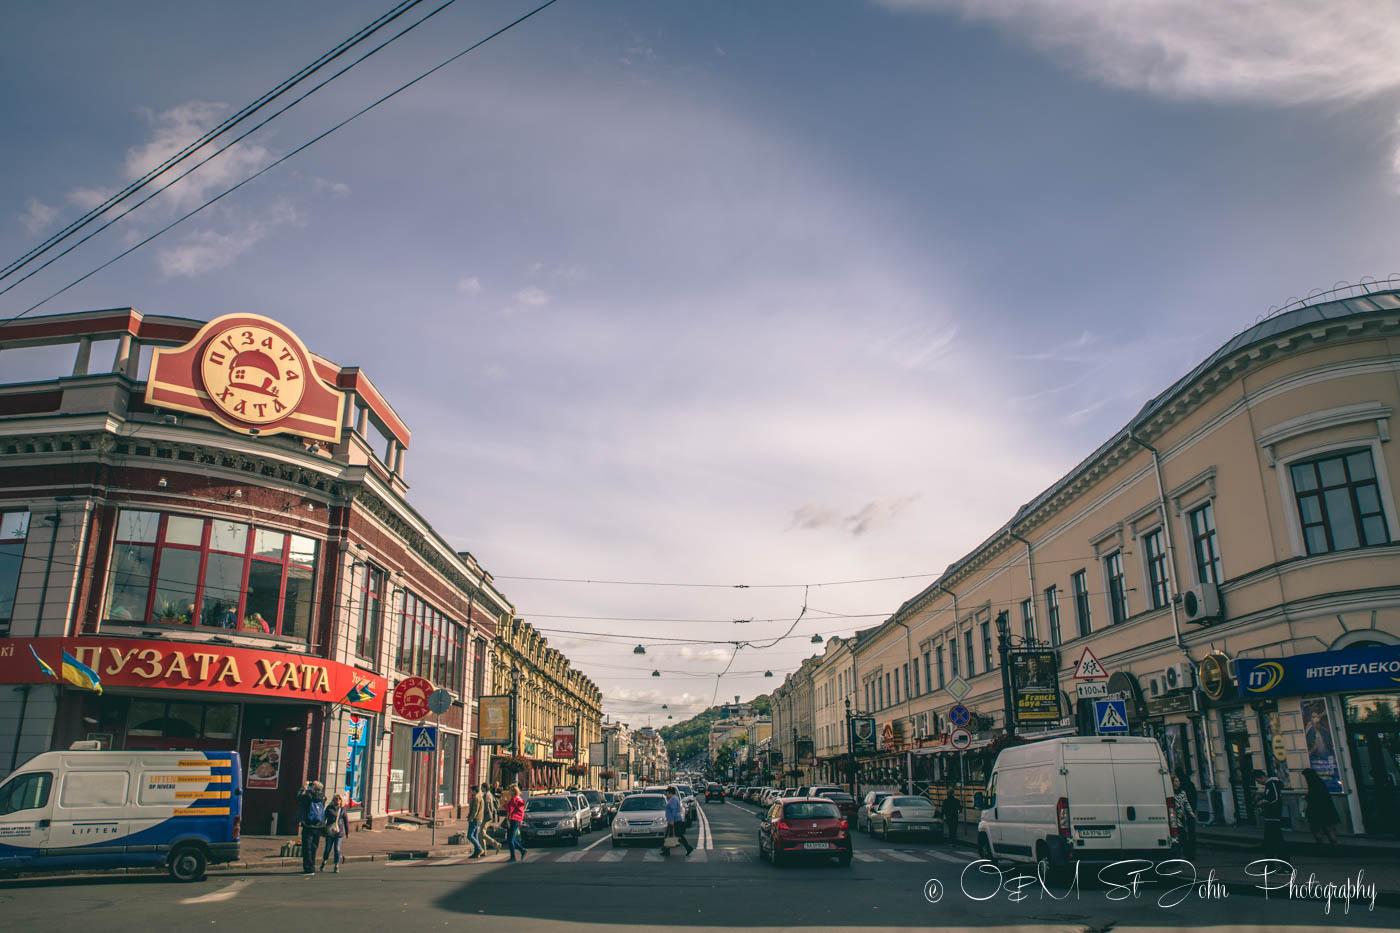 Puzata Hata restaurant, Kiev, Ukraine